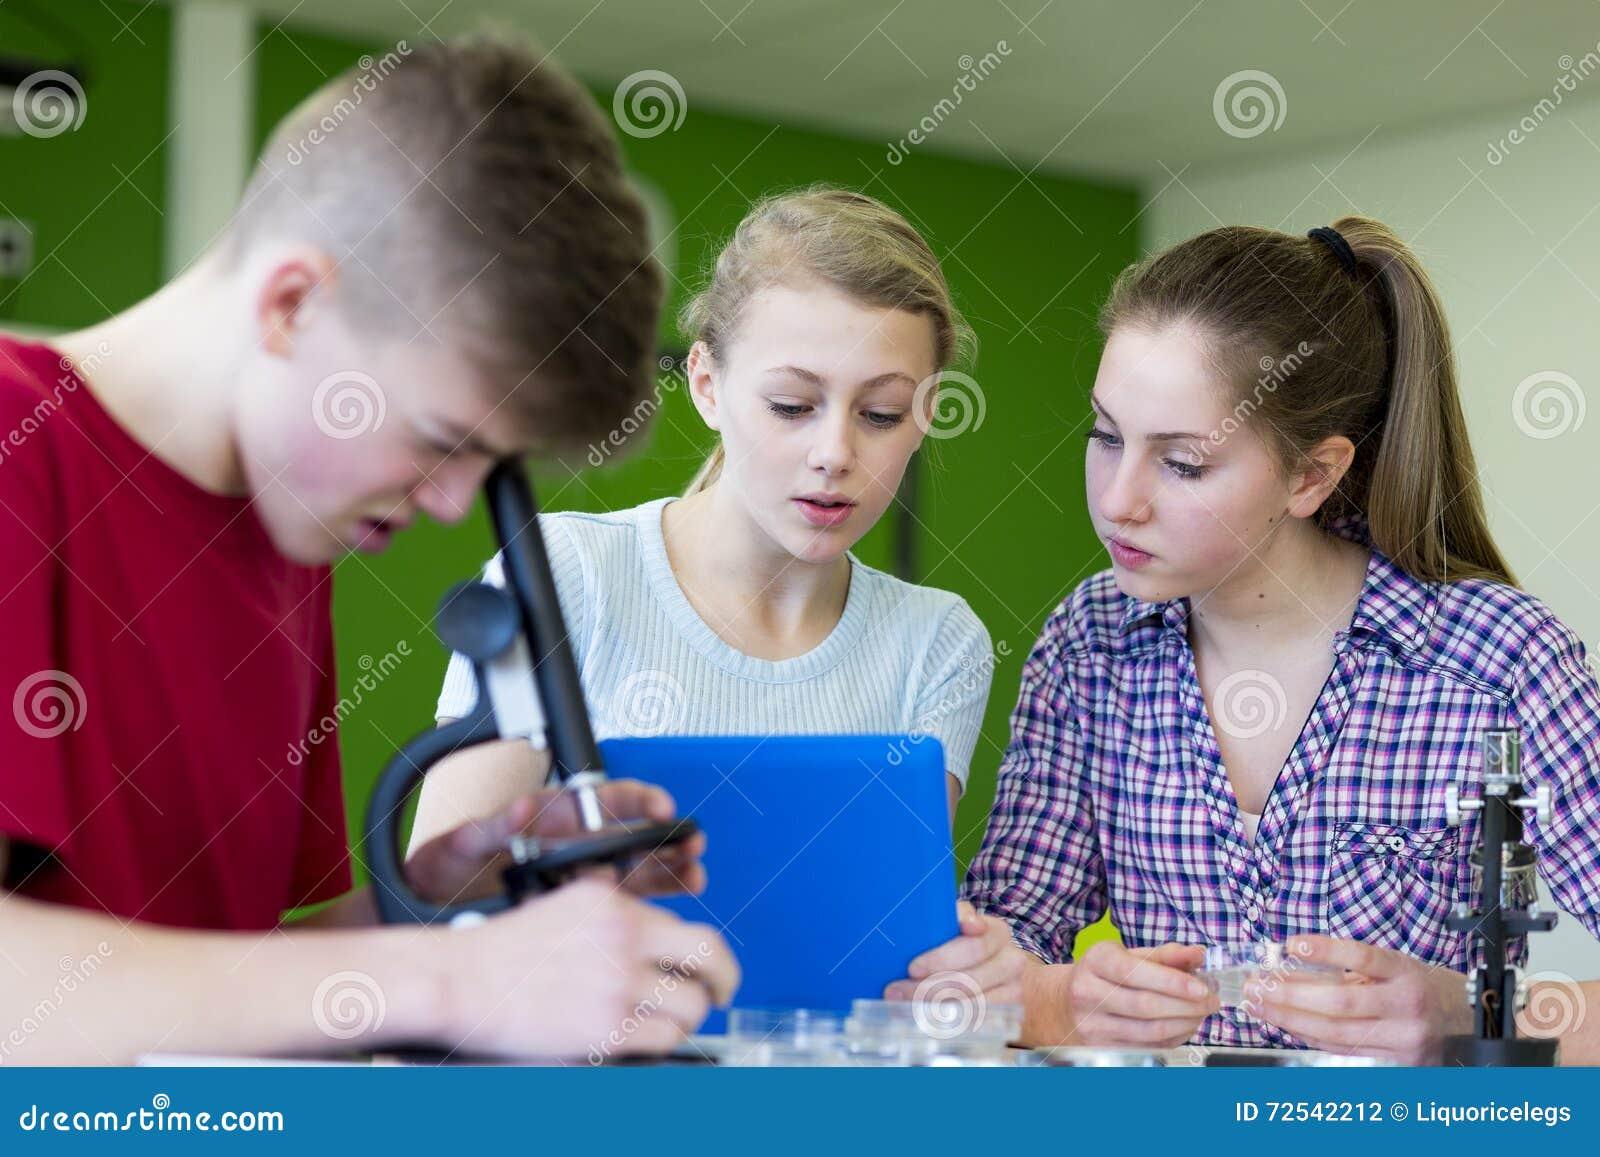 Använda mikroskop i en vetenskapskurs